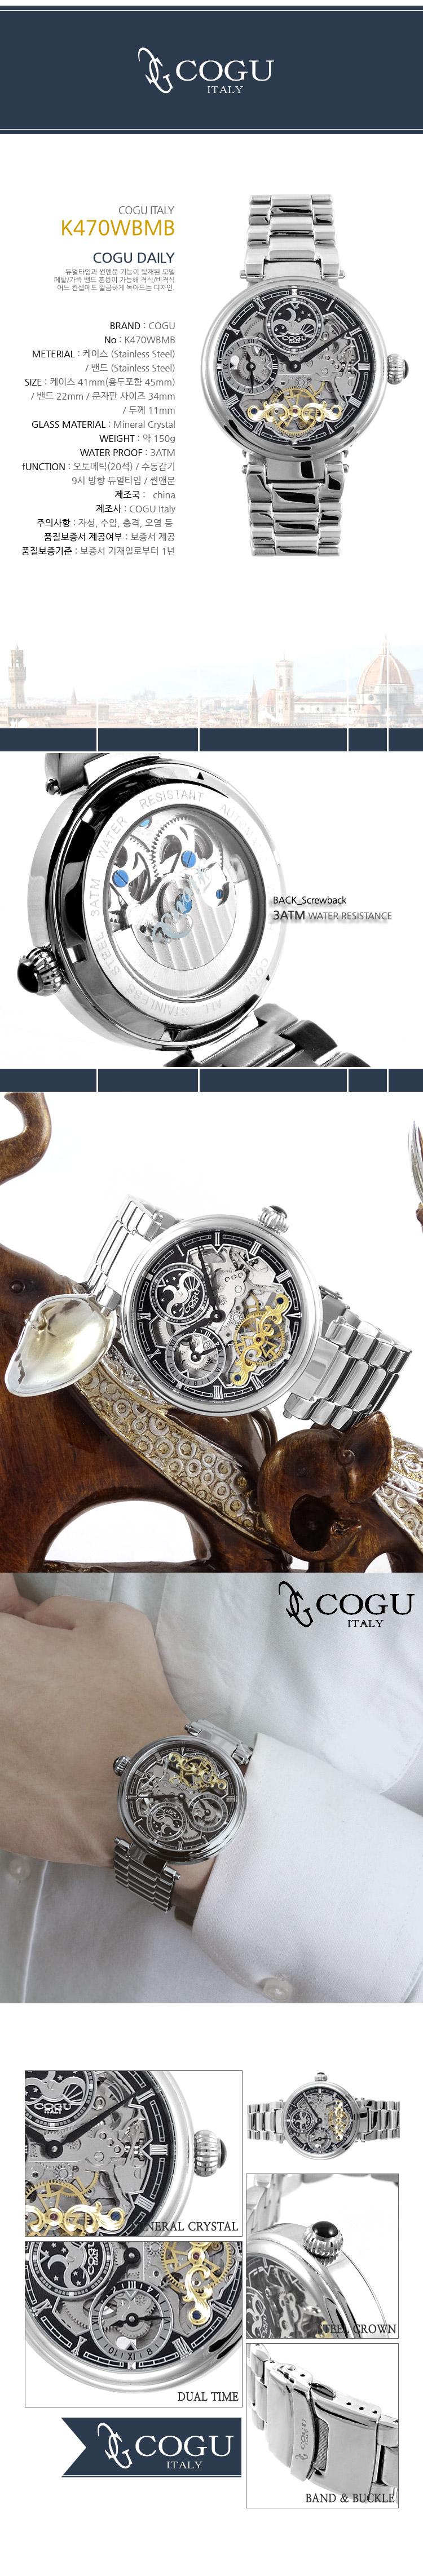 코구(COGU) K470WBMB 남성 오토매틱 메탈 손목시계